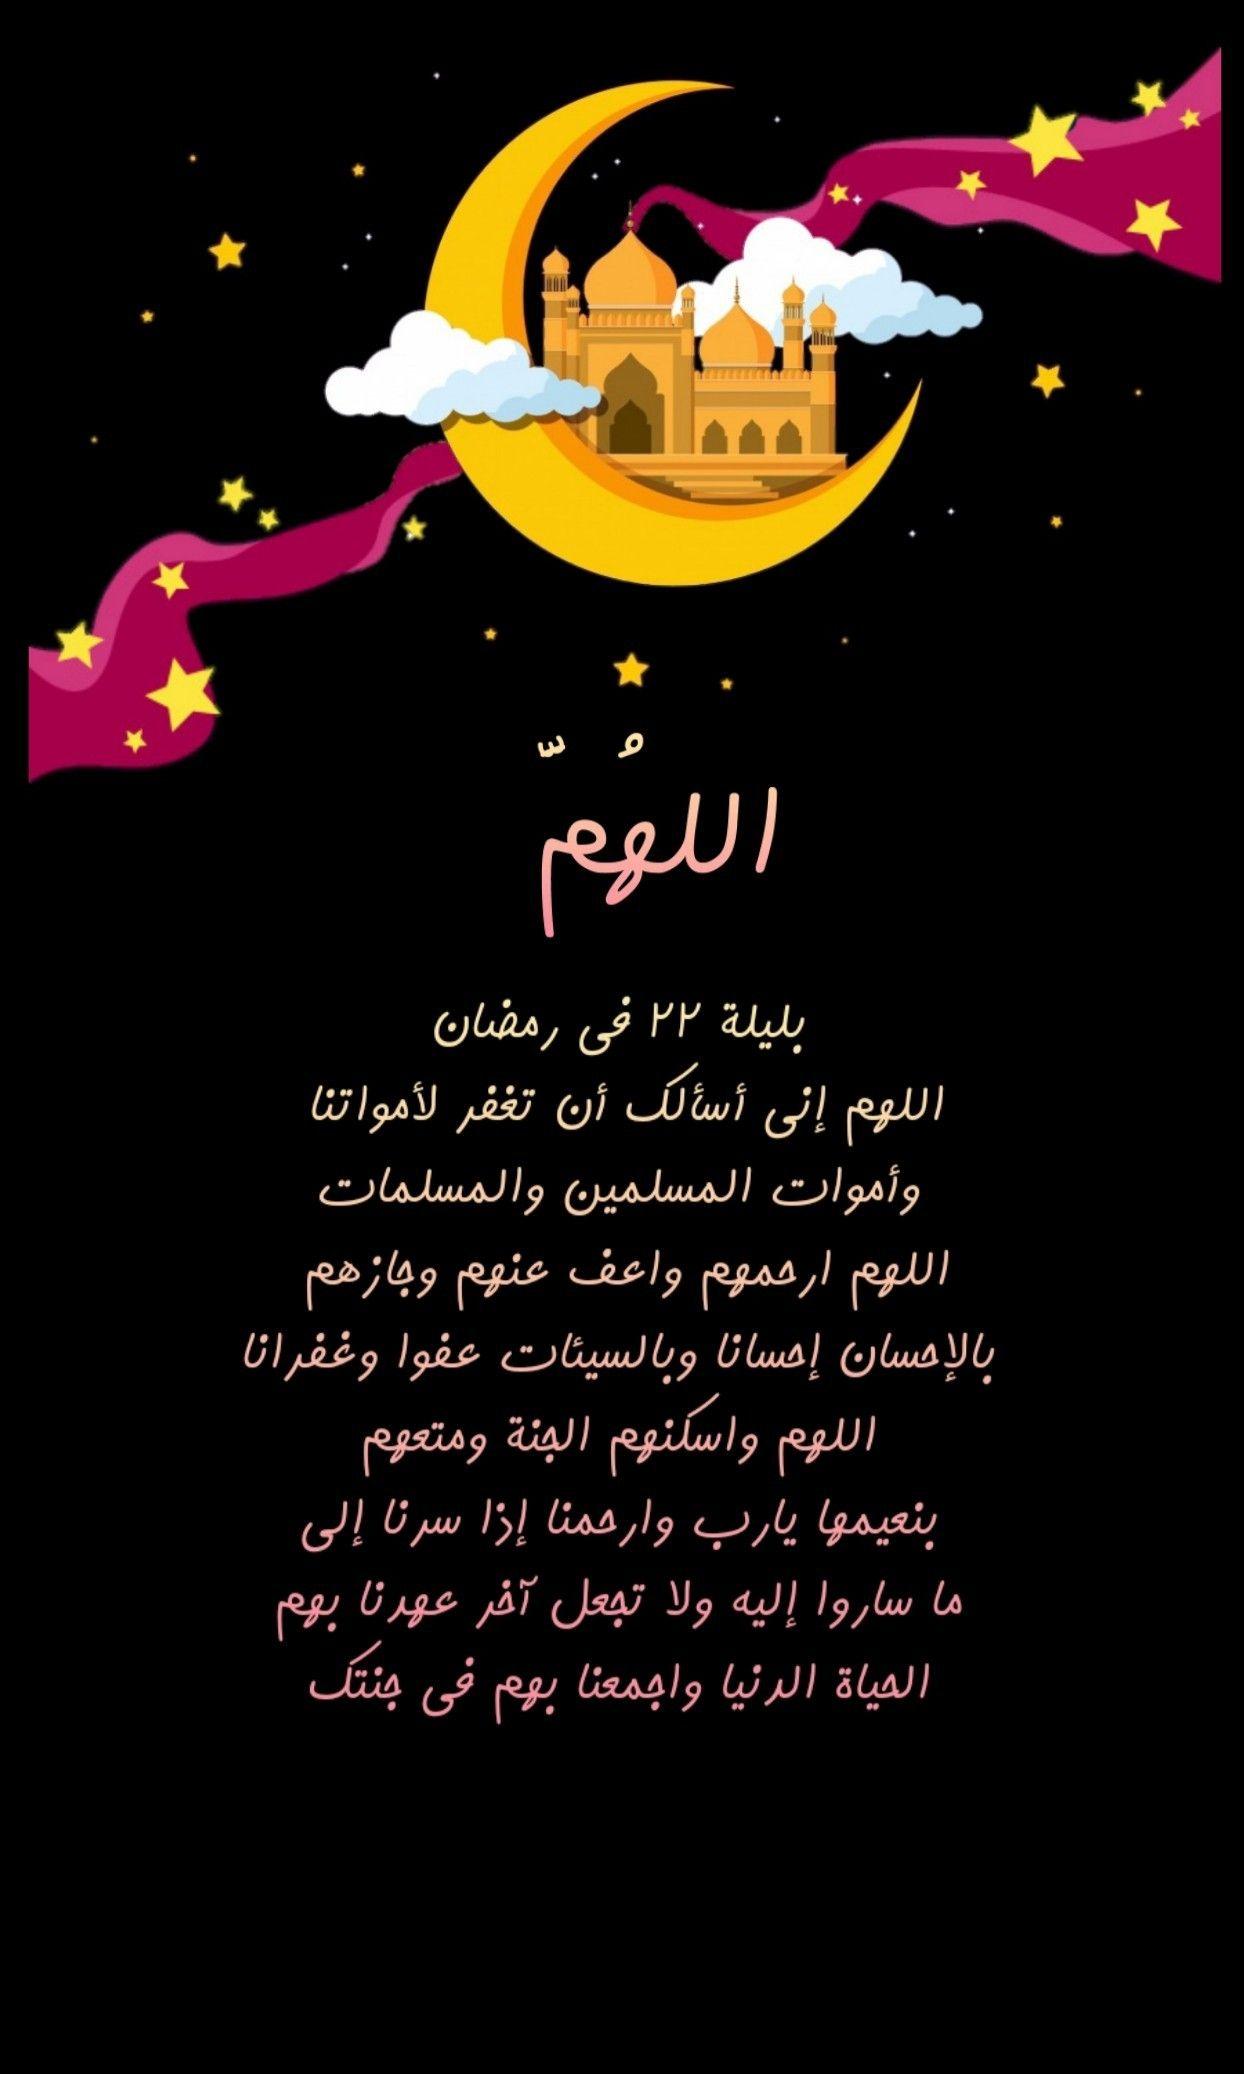 الله م بليلة ٢٢ في رمضان اللهم إني أسألك أن تغفر لأمواتنا وأموات المسلمين والمسلمات اللهم ارحمهم واعف عن Ramadan Greetings Sunday Morning Quotes Ramadan